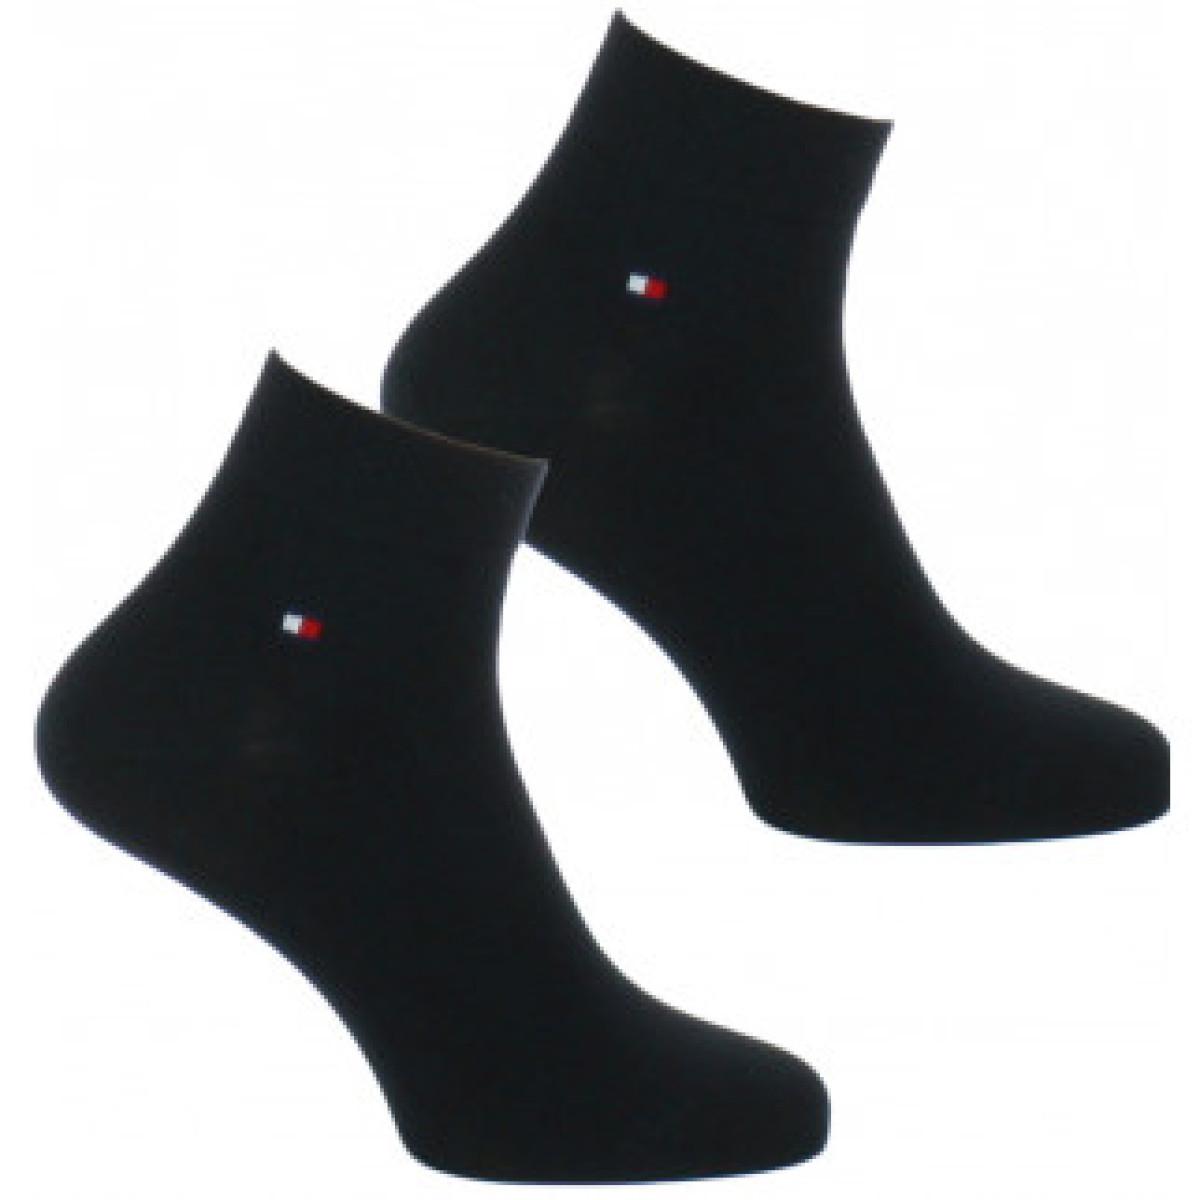 -15% Κάλτσες 2 τεμάχια Tommy Hilfiger 342025001 - μαύρο Ανδρικά 5578480f79a